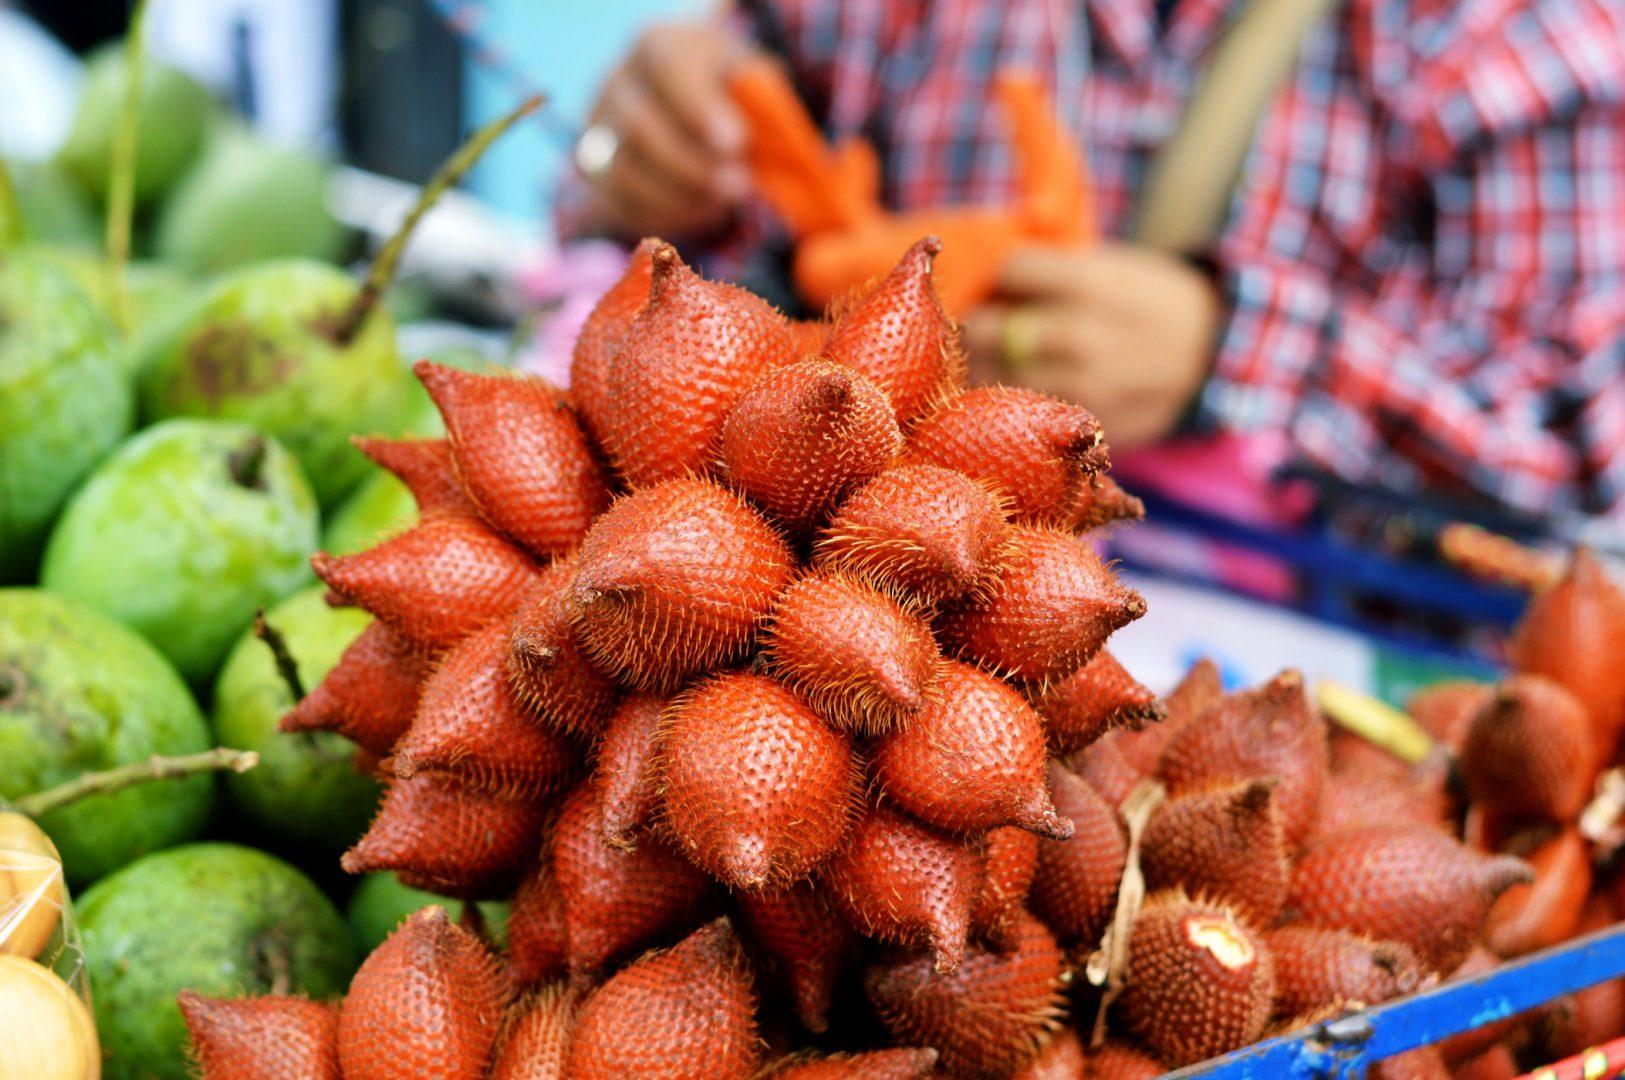 5 exotische Früchte aus Thailand - Schlangenfrucht| www.dearlicious.com